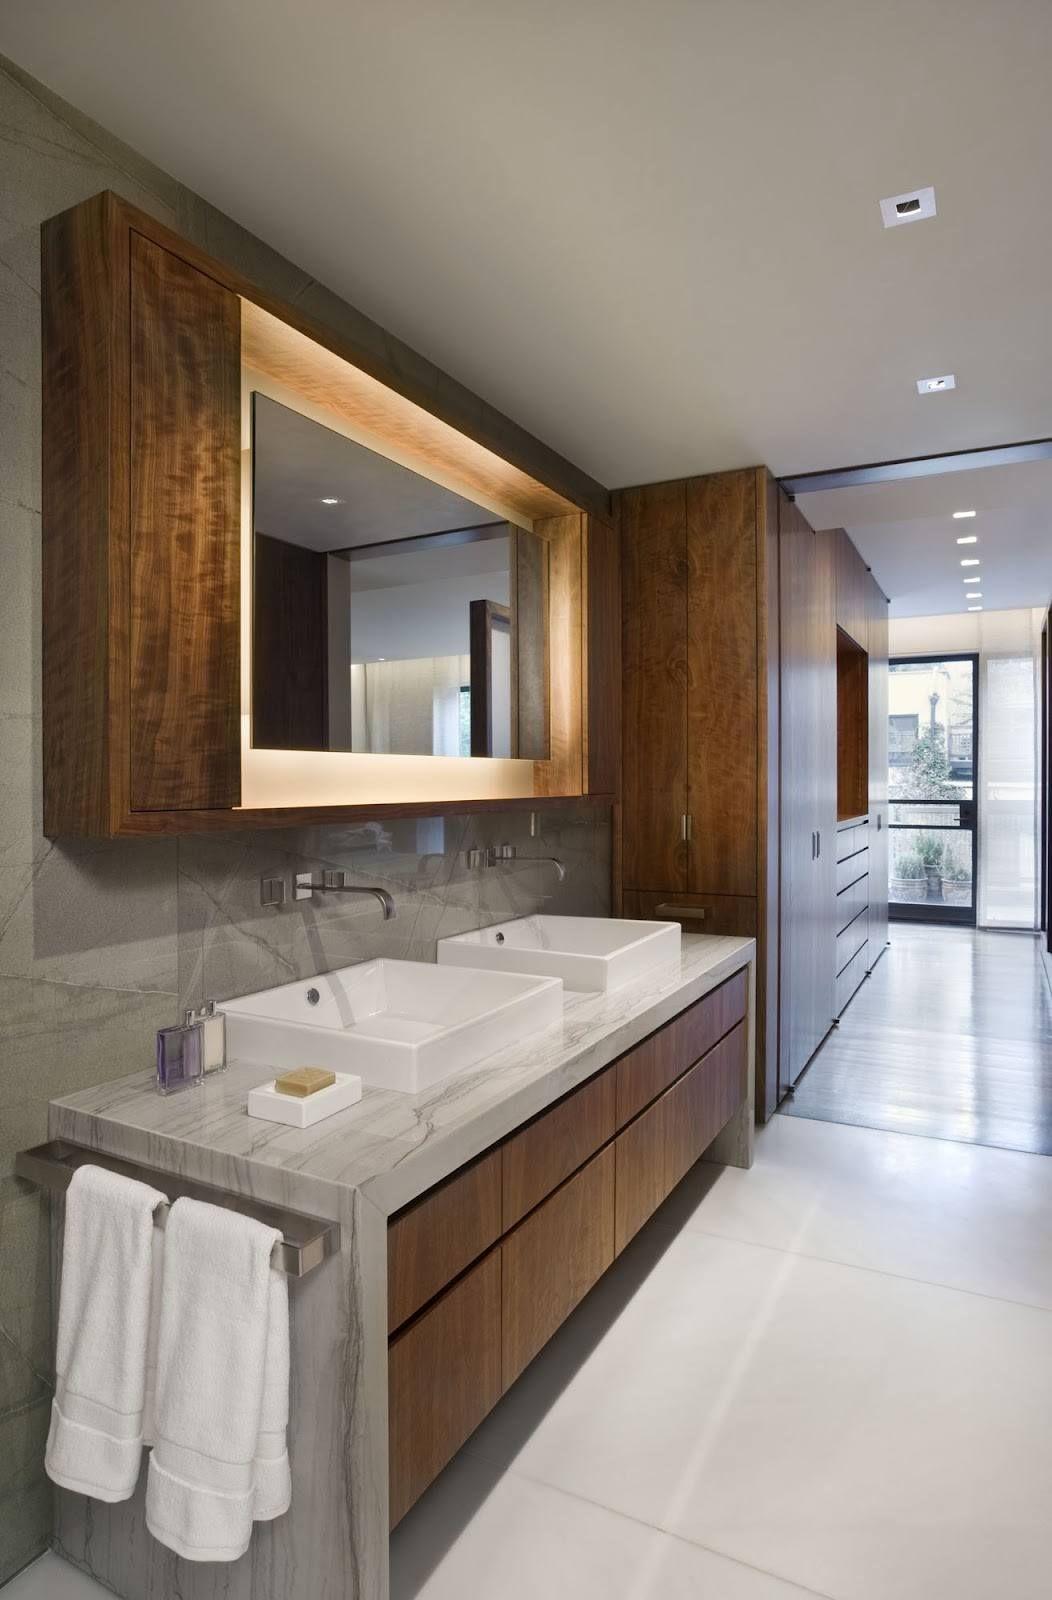 Muebles de ba o modernos peque os y r sticos for Muebles de bano de diseno modernos